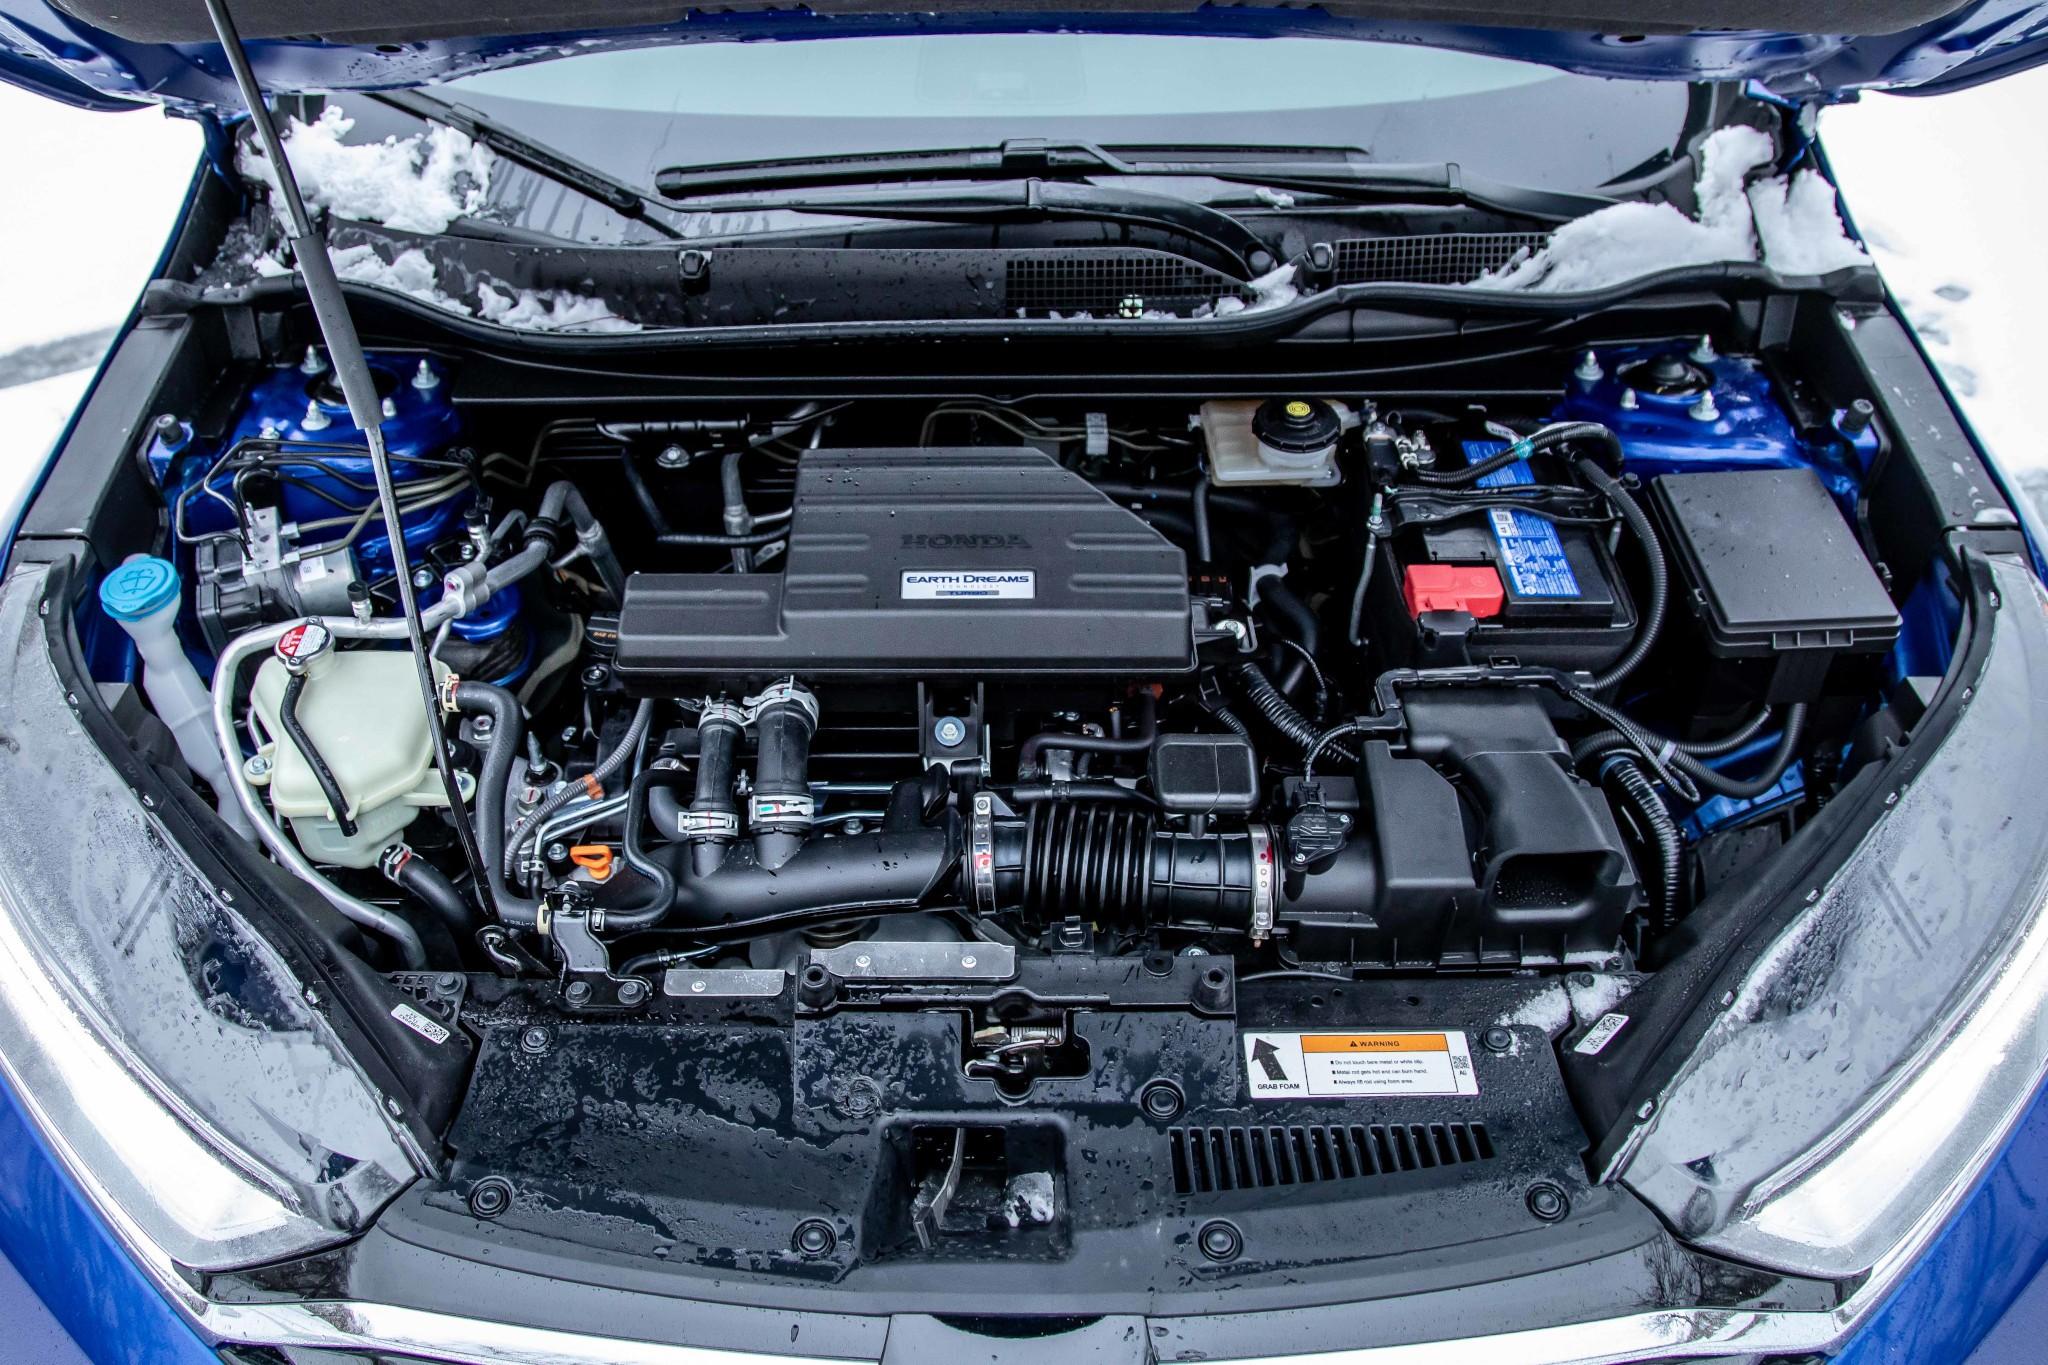 honda-cr-v-2020-10-blue--engine--exterior.jpg